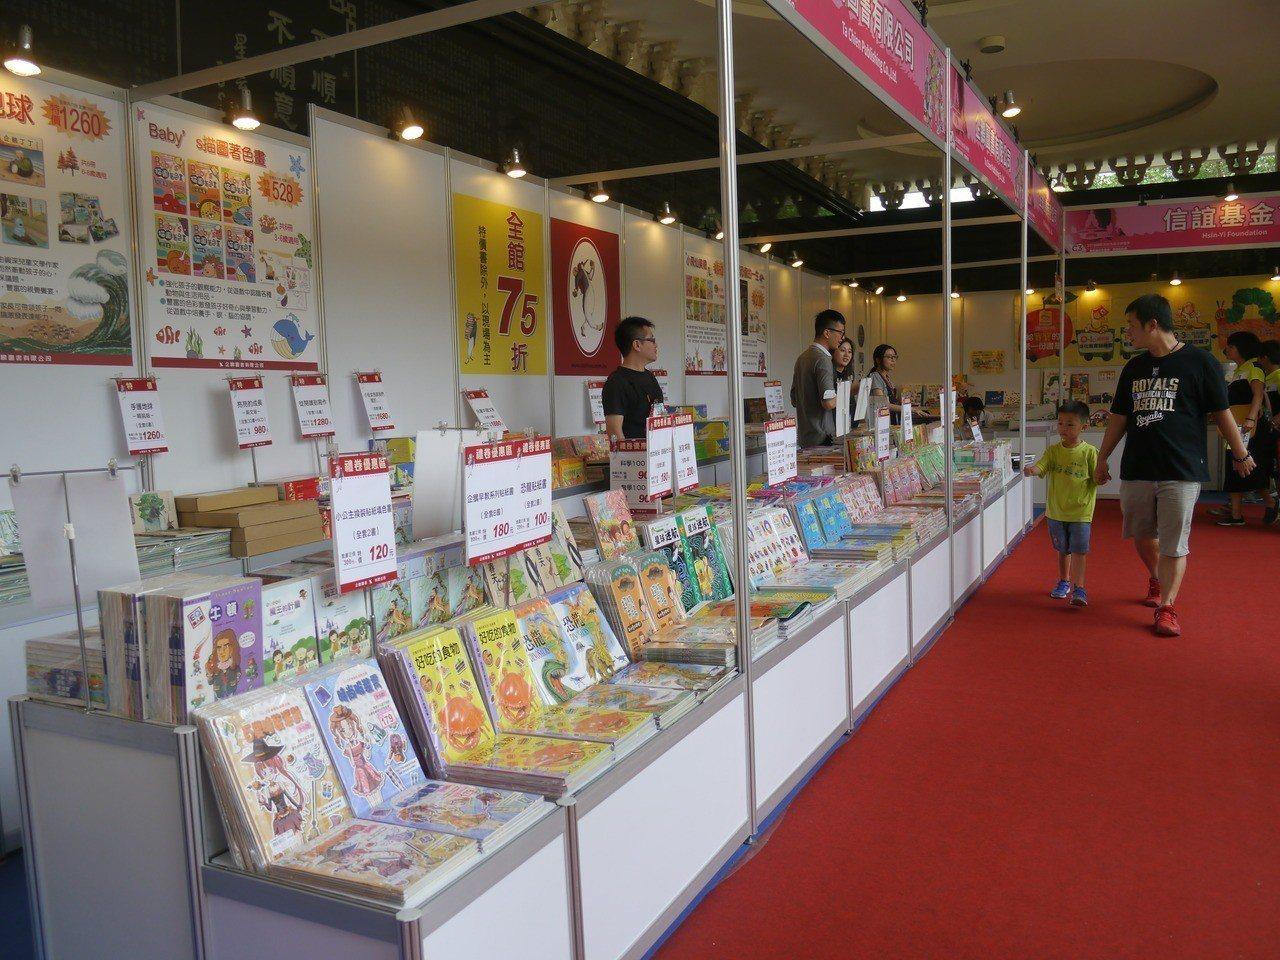 各大出版社參加書展,圖書種類豐富。記者徐白櫻/攝影